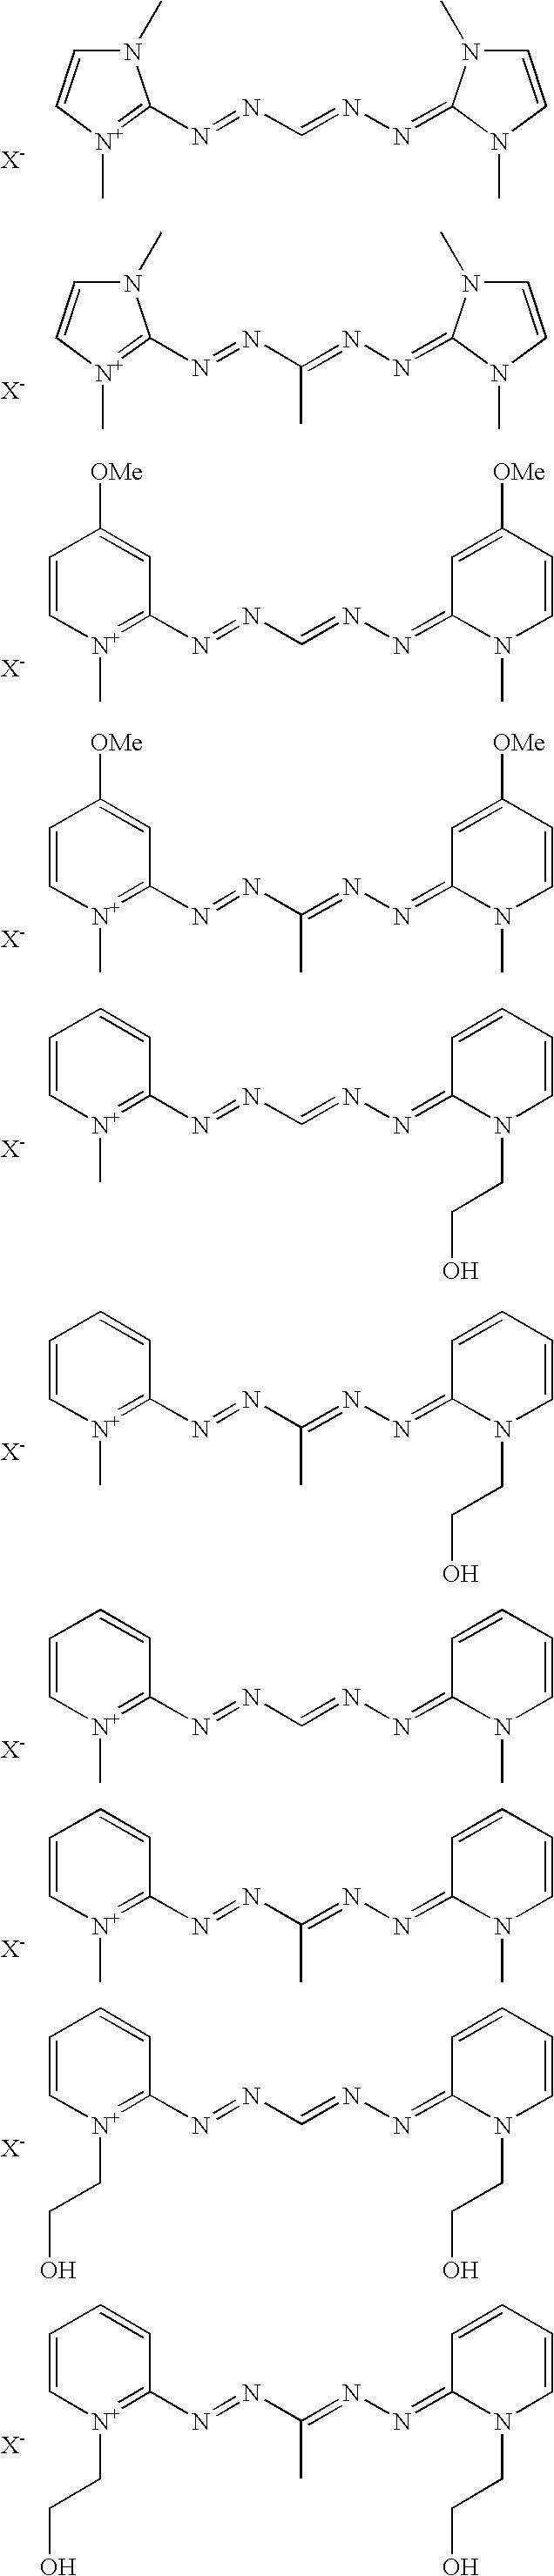 Figure US20100186177A1-20100729-C00006